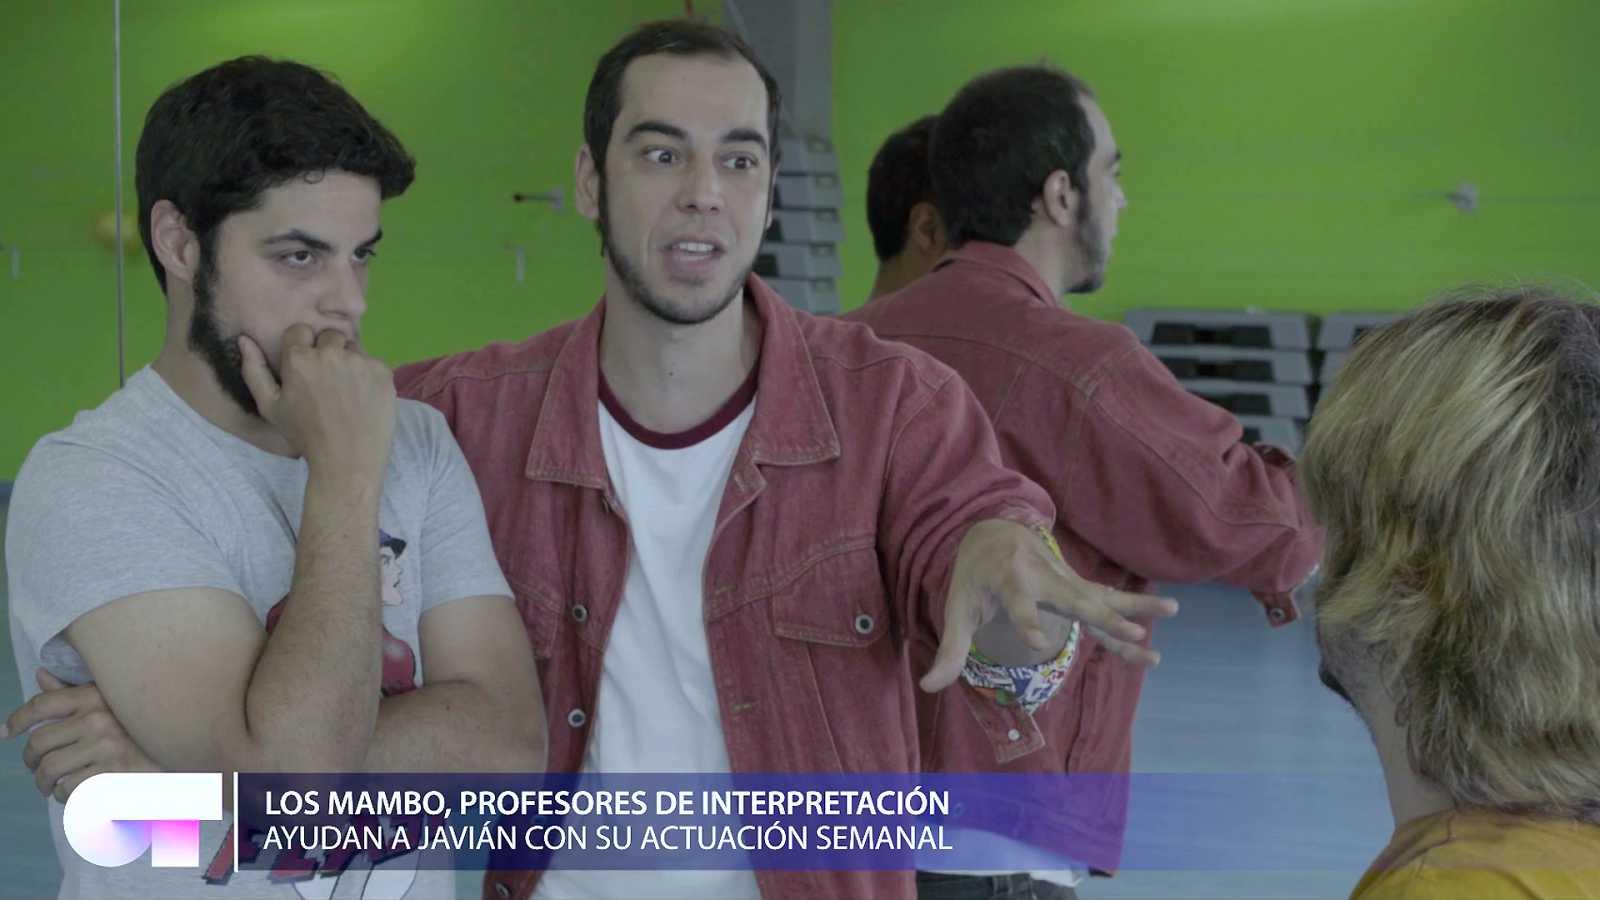 Mambo - Julio y Gustavo, profesores de interpretación de Operación Triunfo